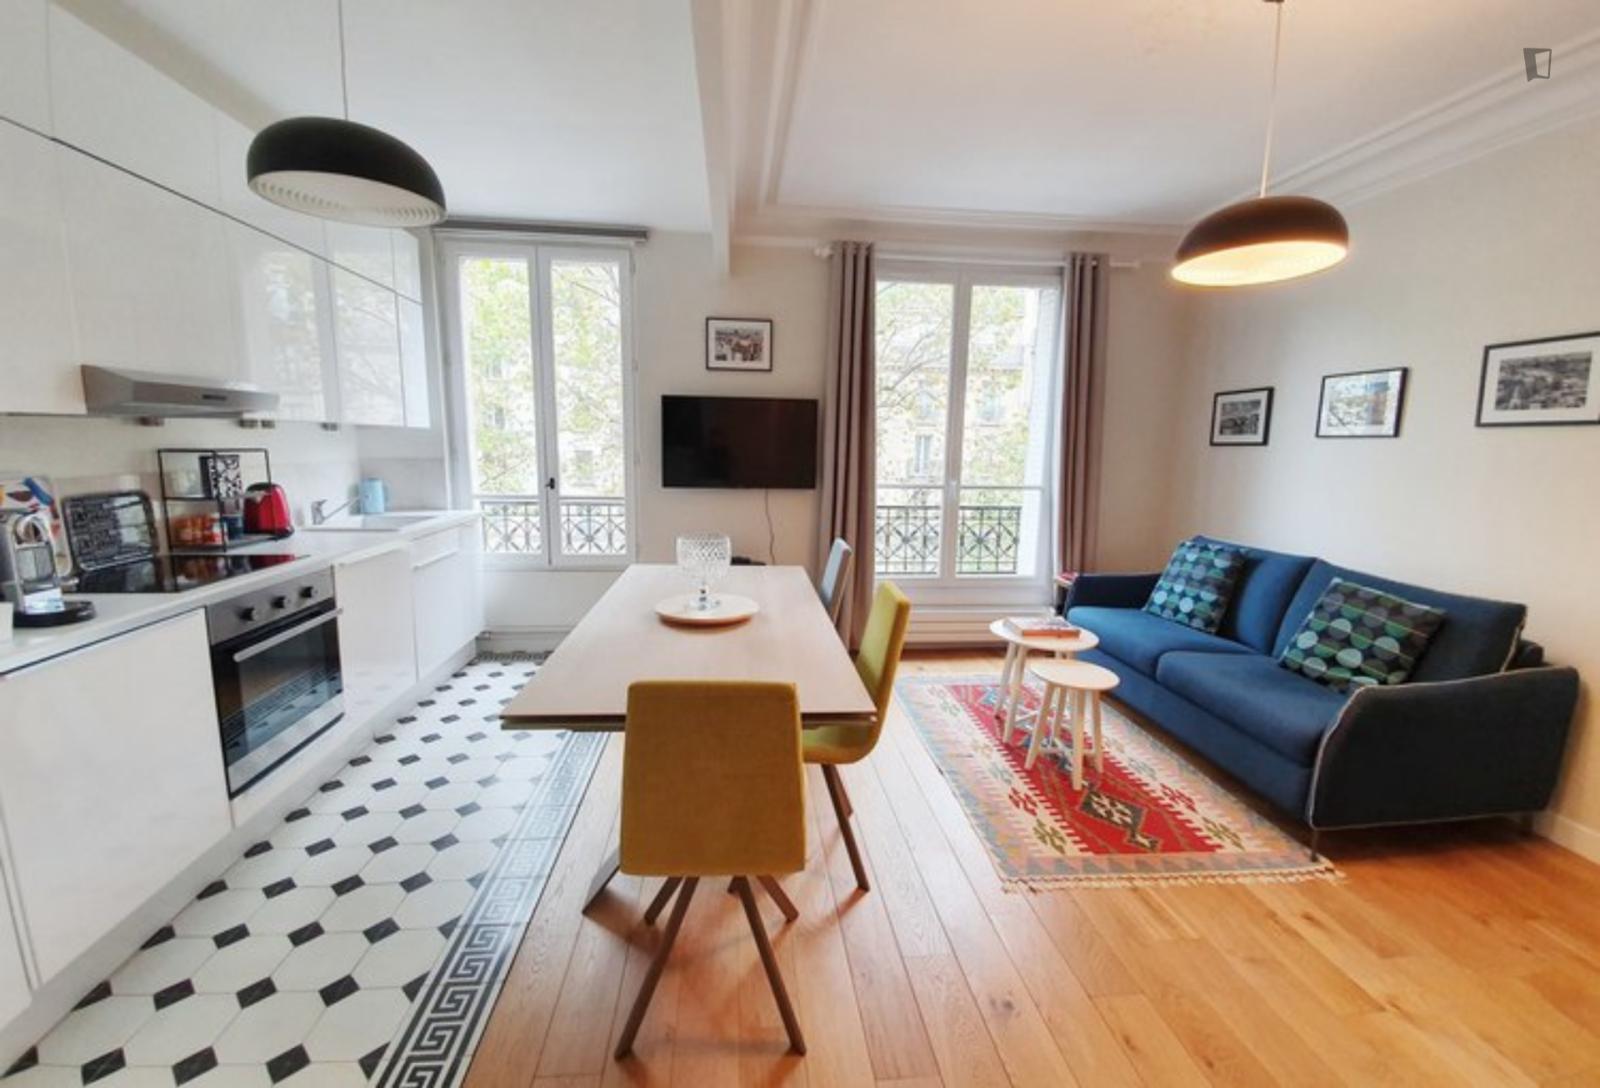 Avenue Ledru Rollin, 12th arrondissement of Paris, FR-75 - 1,595 EUR/ month